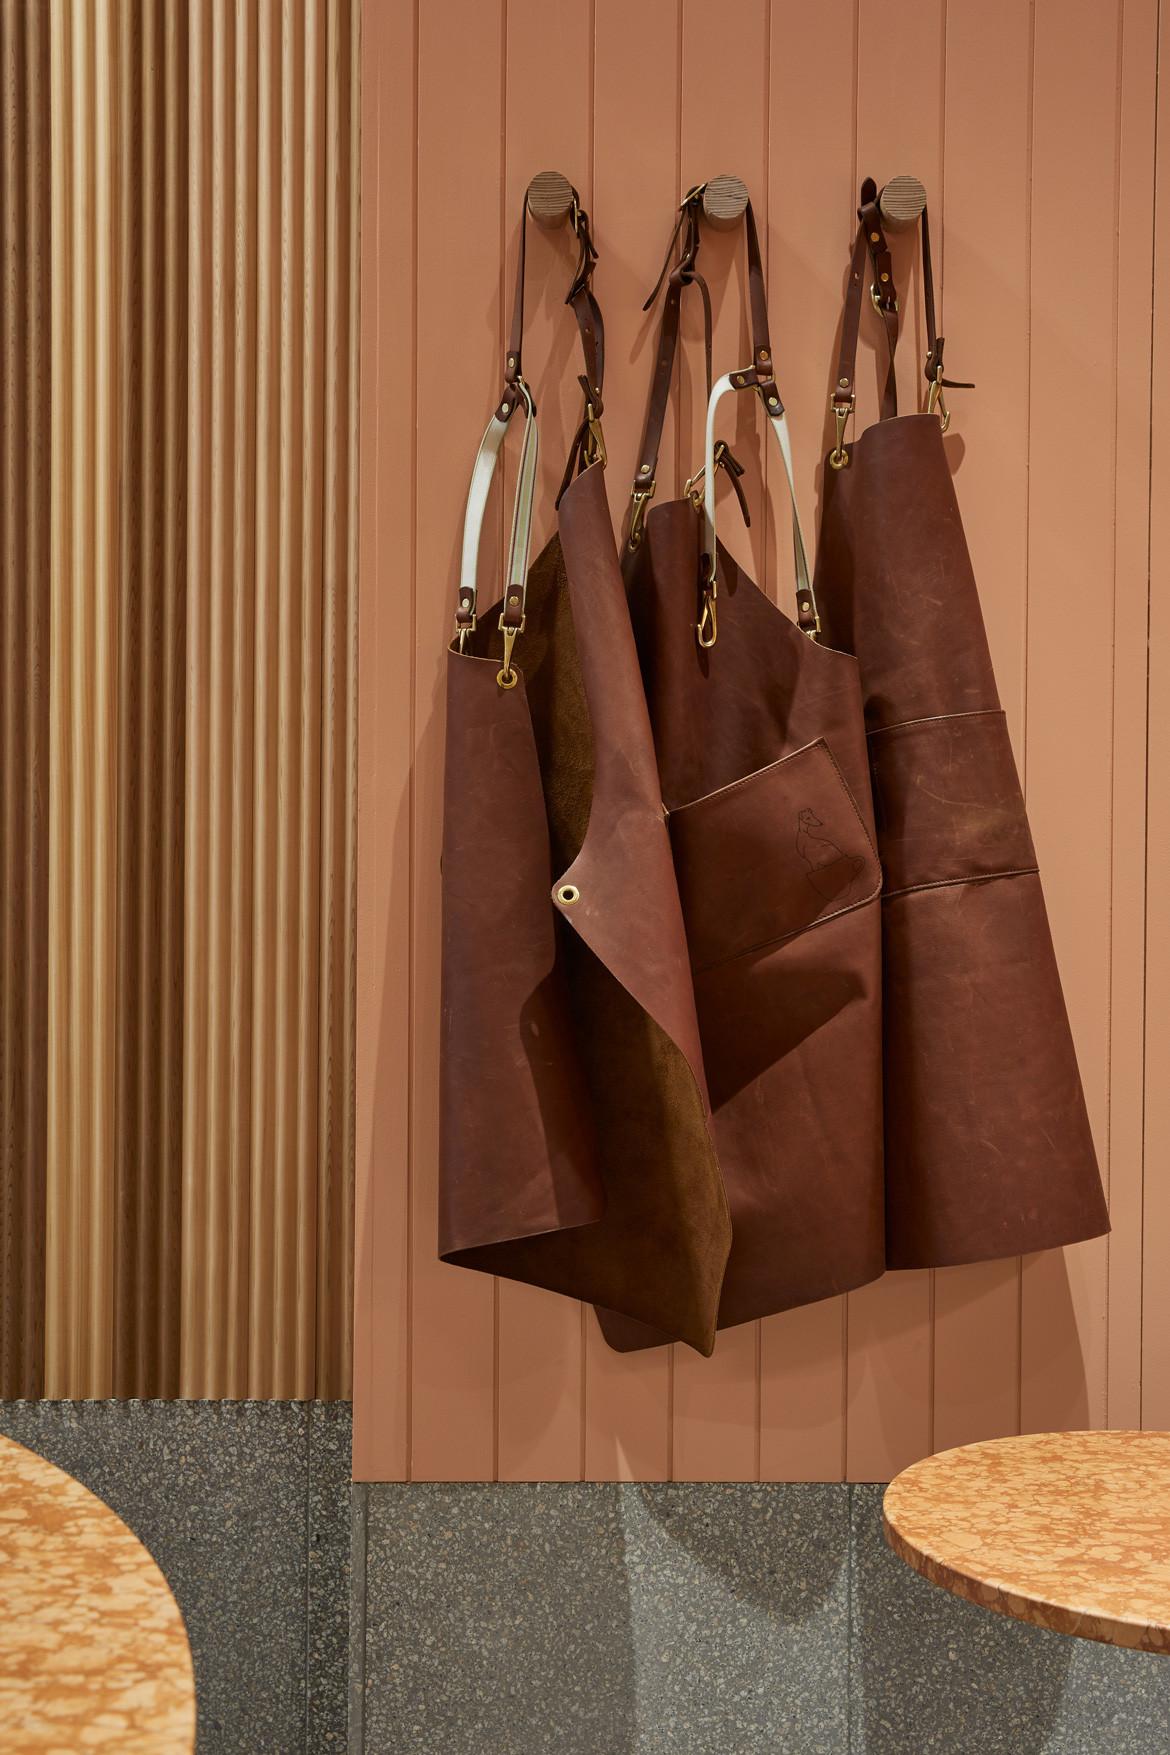 Tulip Cafe CoLab Design Studio Booth Coat hangers